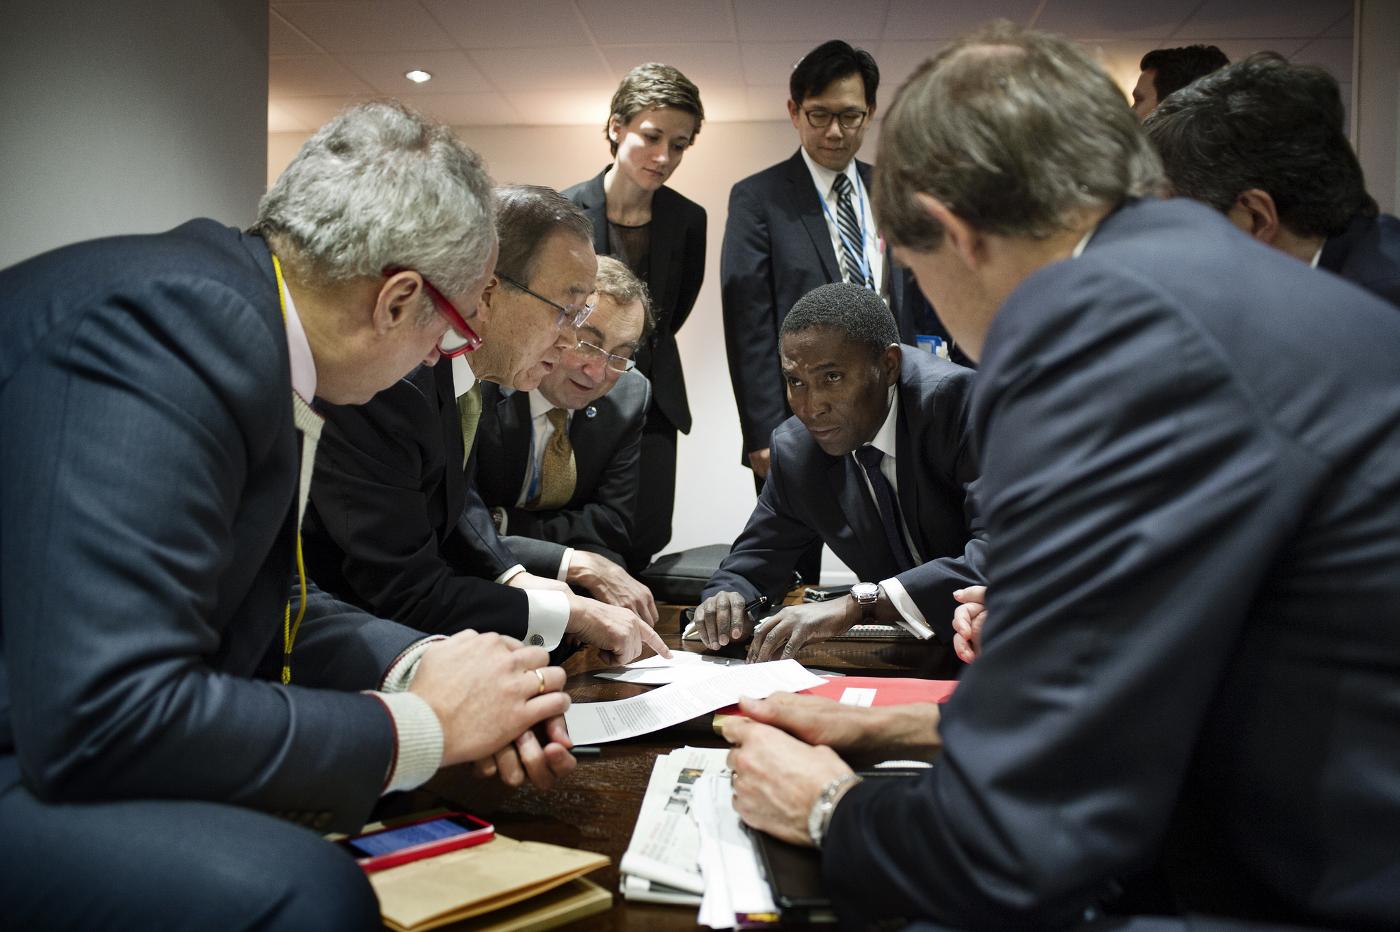 Die Suche nach dem Kompromiss CC0 1.0 , COP PARIS, http://bit.ly/1RjQiET